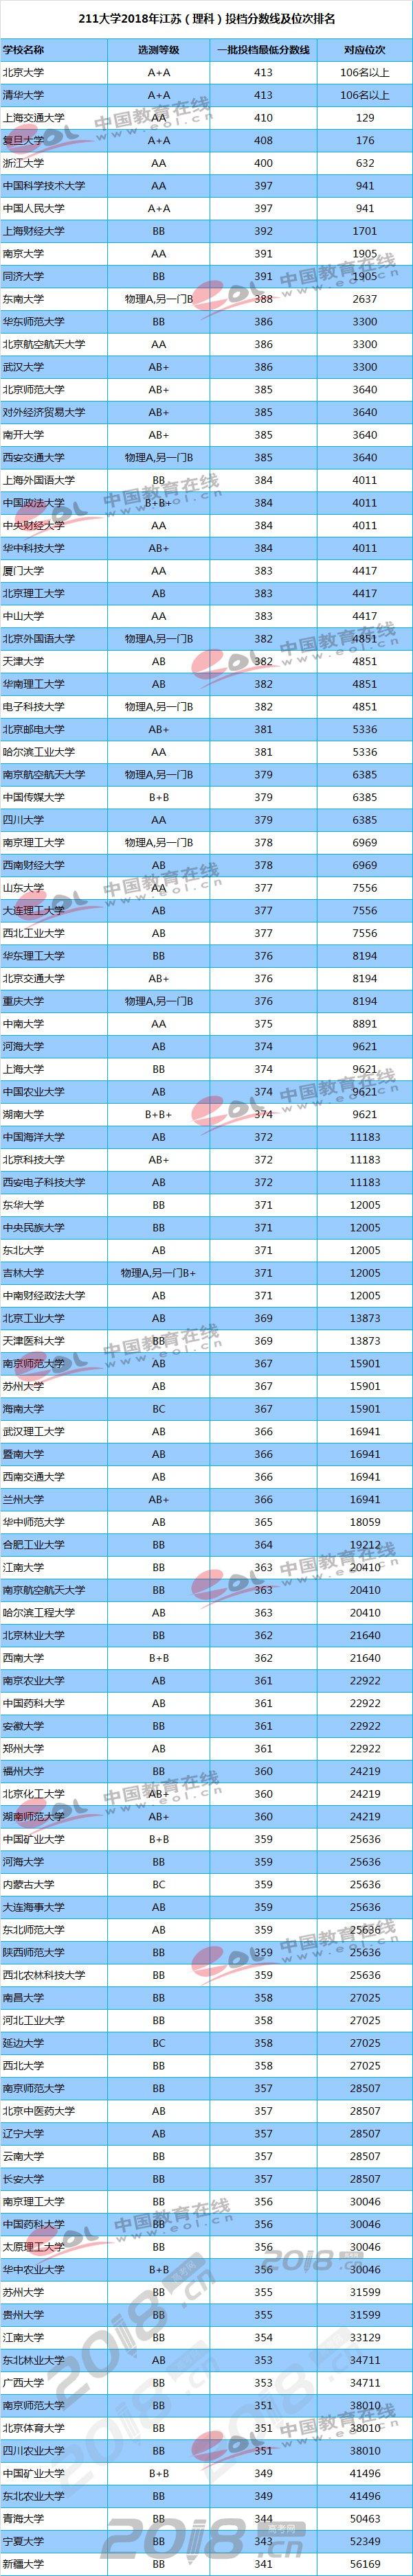 08年江苏高考分数线_2018年全国211大学理科在江苏录取分数线_高考信息网手机版